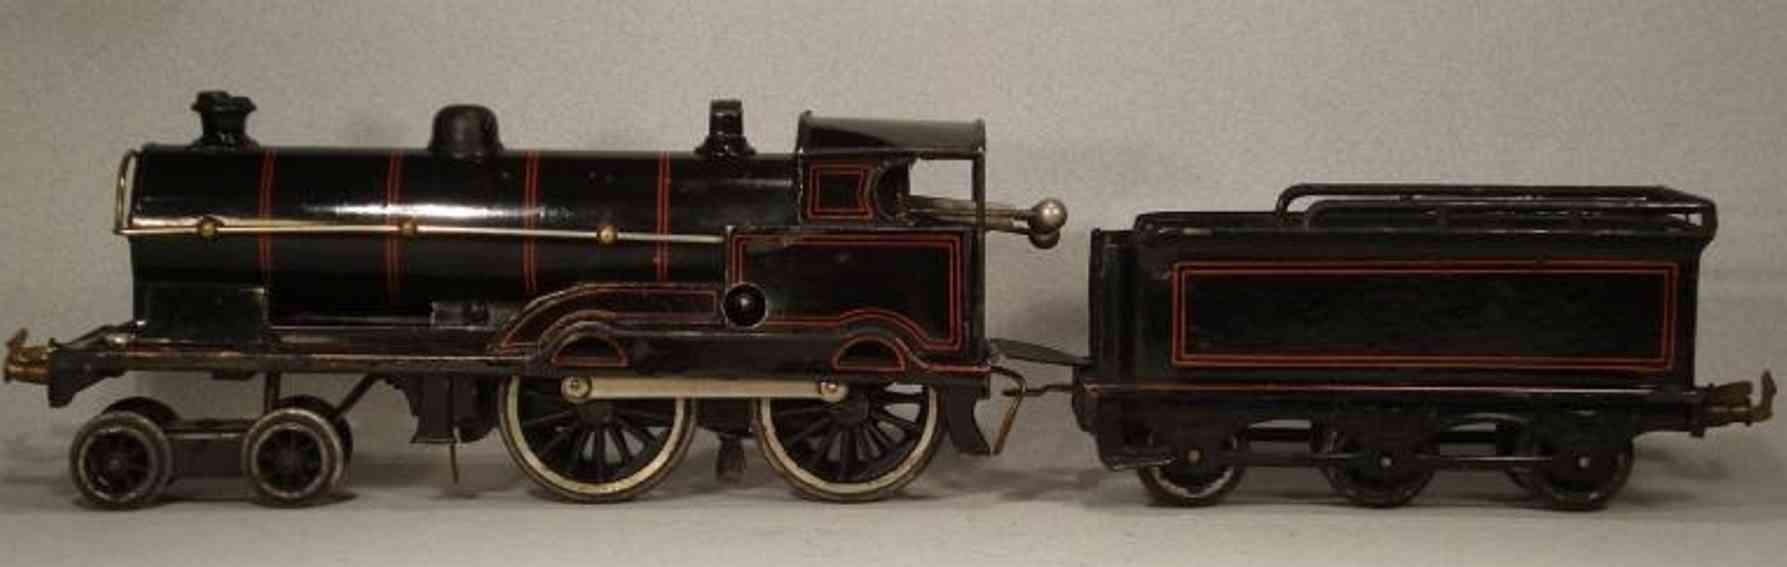 bing 11/441 spielzeug eisenbahn englische uhrwerk-dampflokomotive schwarz spur 0